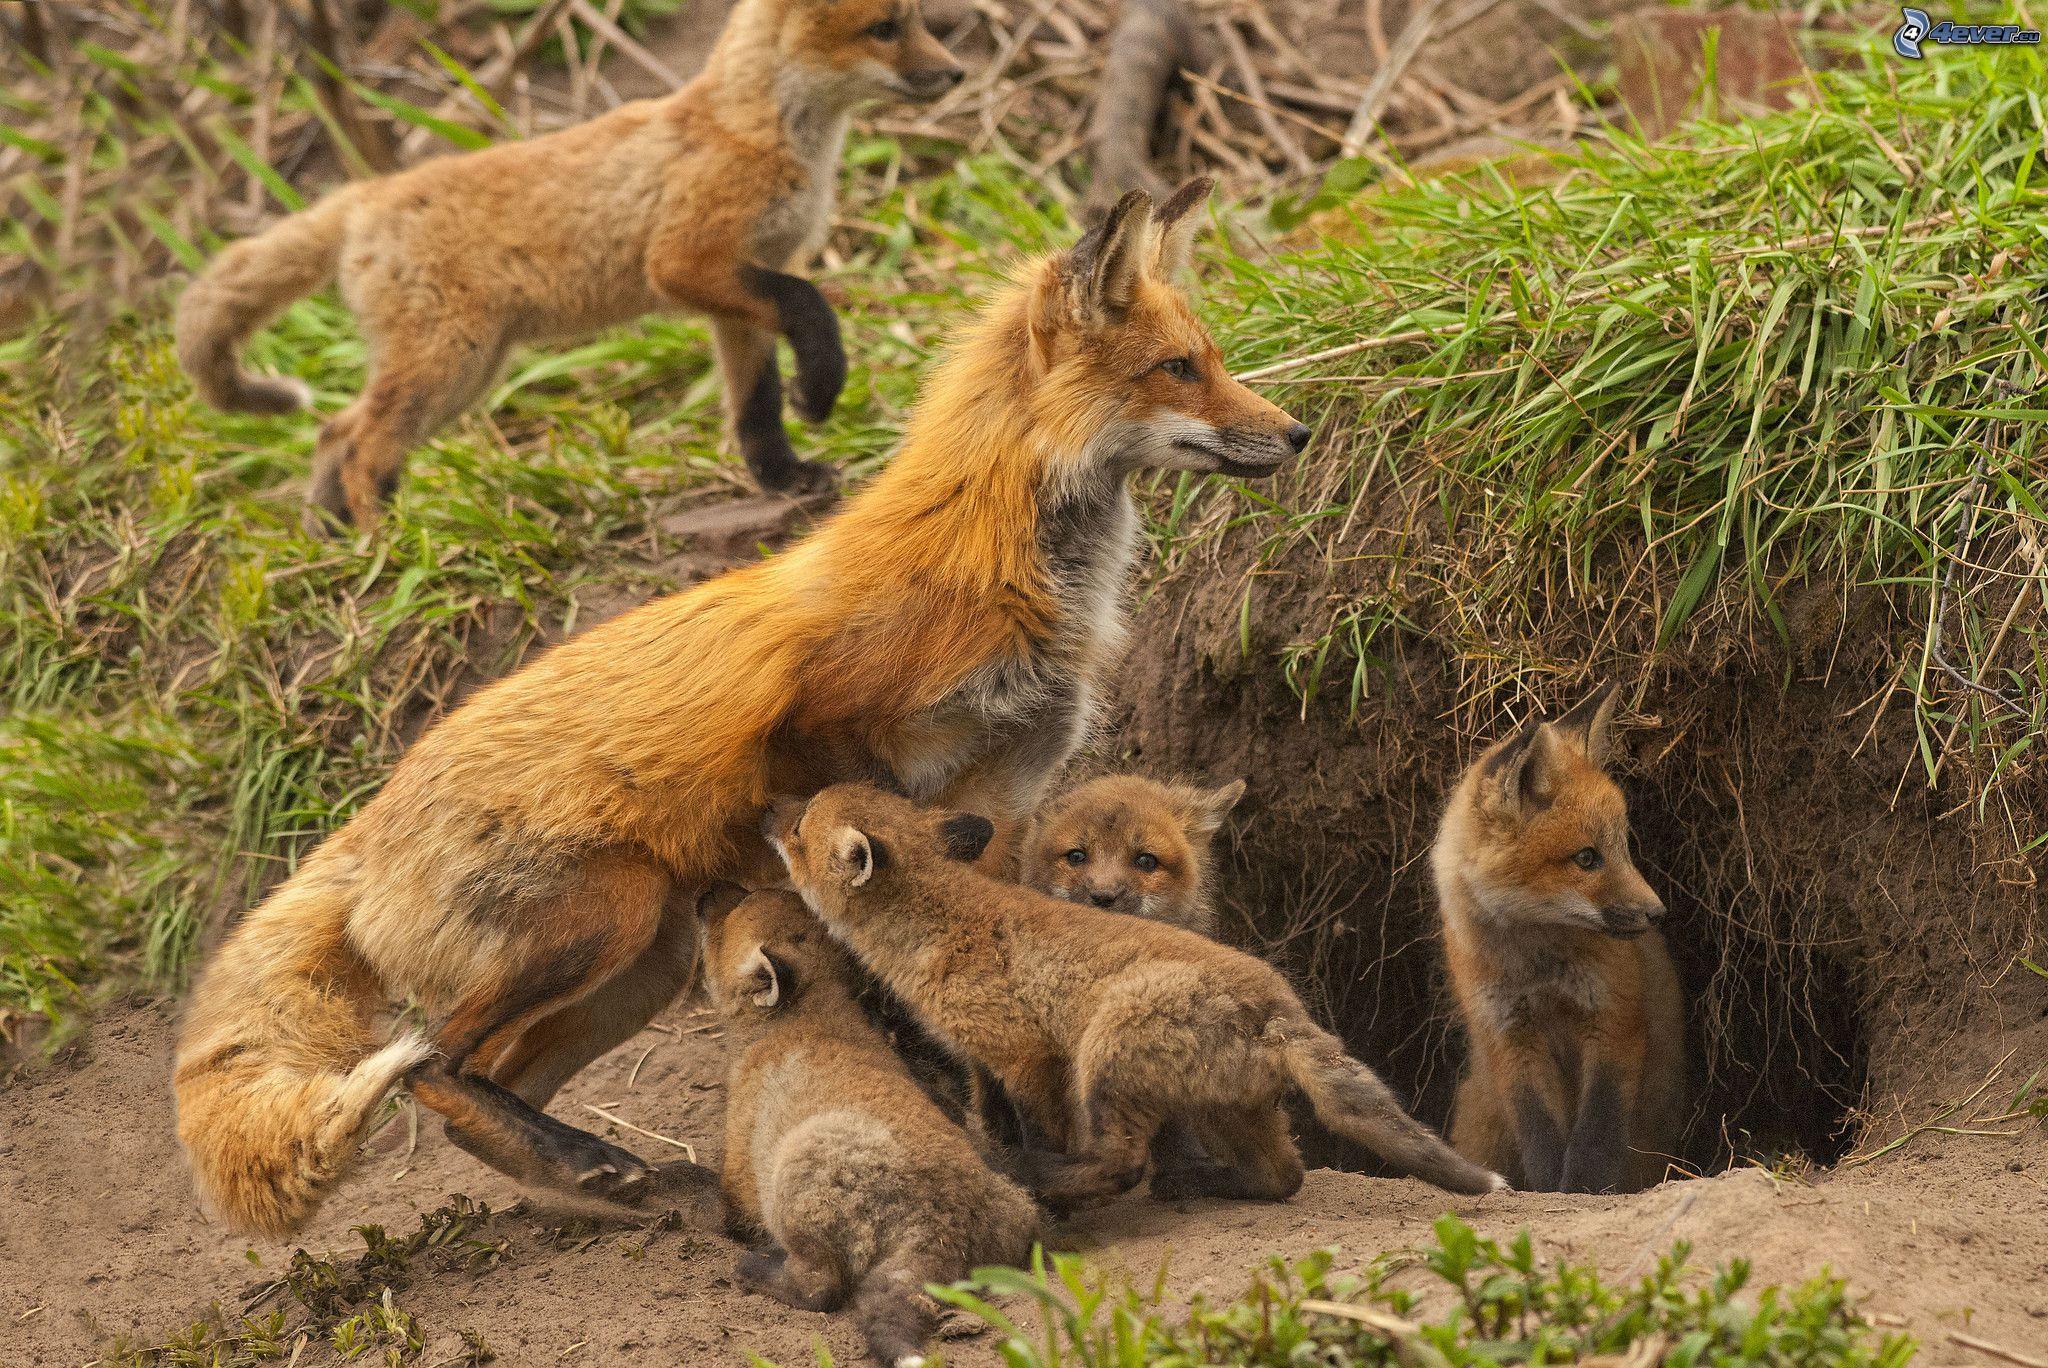 Майконг или саванновая лисица cerdocyon thous) - хищное млекопитающее семейства псовых